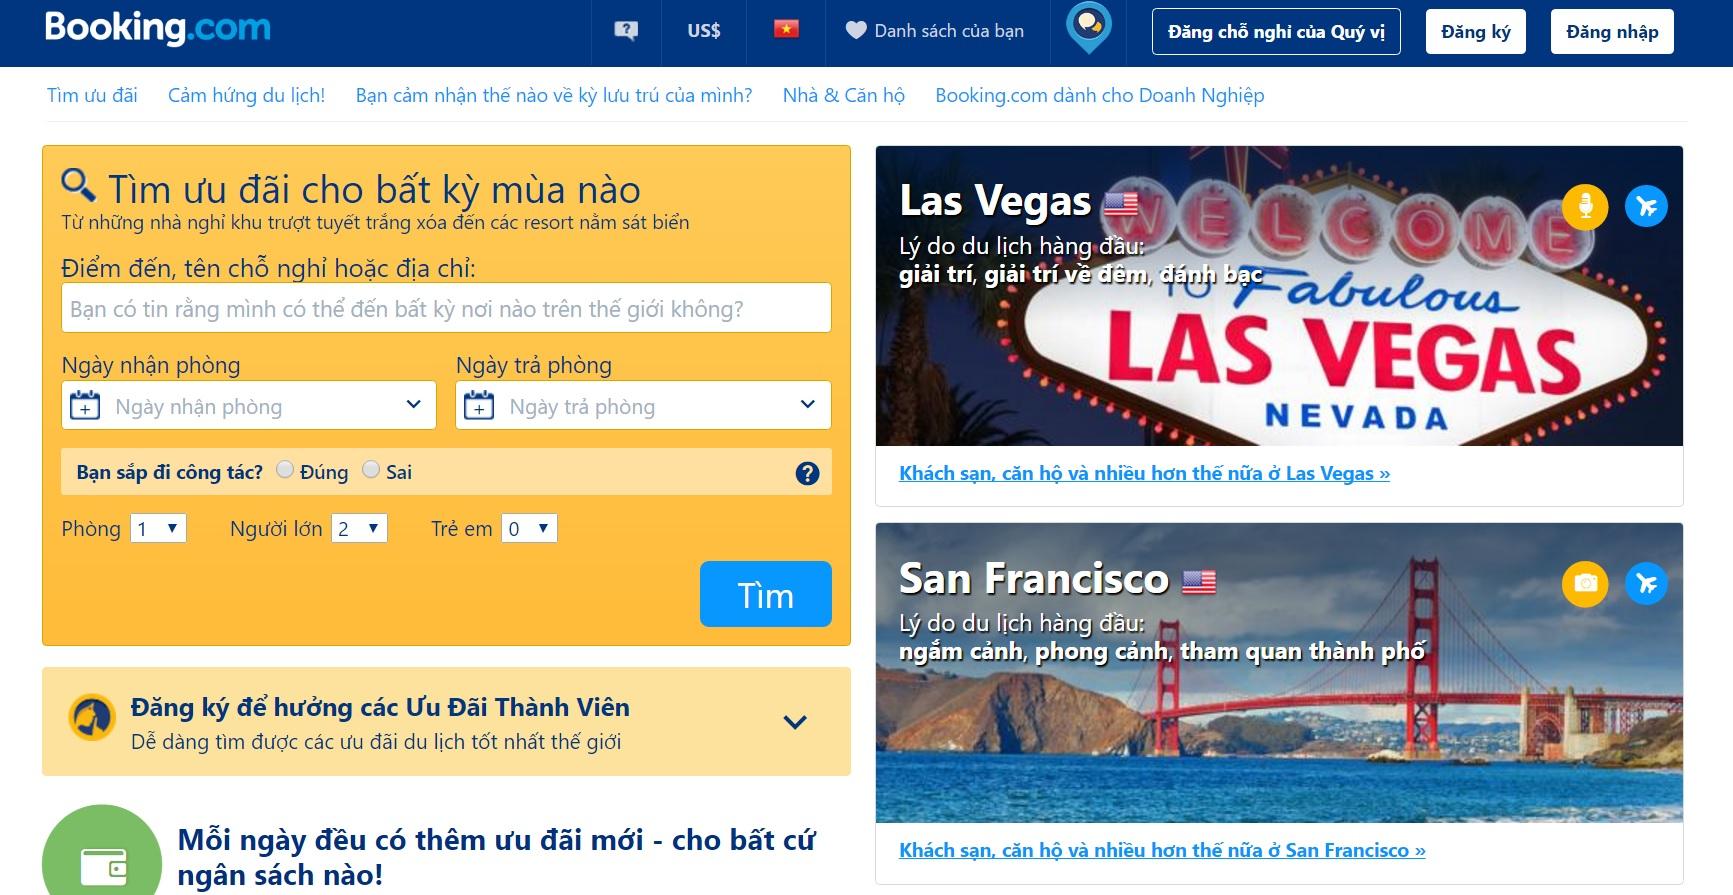 Nhiều trang mạng du lịch kiếm hàng trăm triệu USD ở Việt Nam mà không đóng thuế